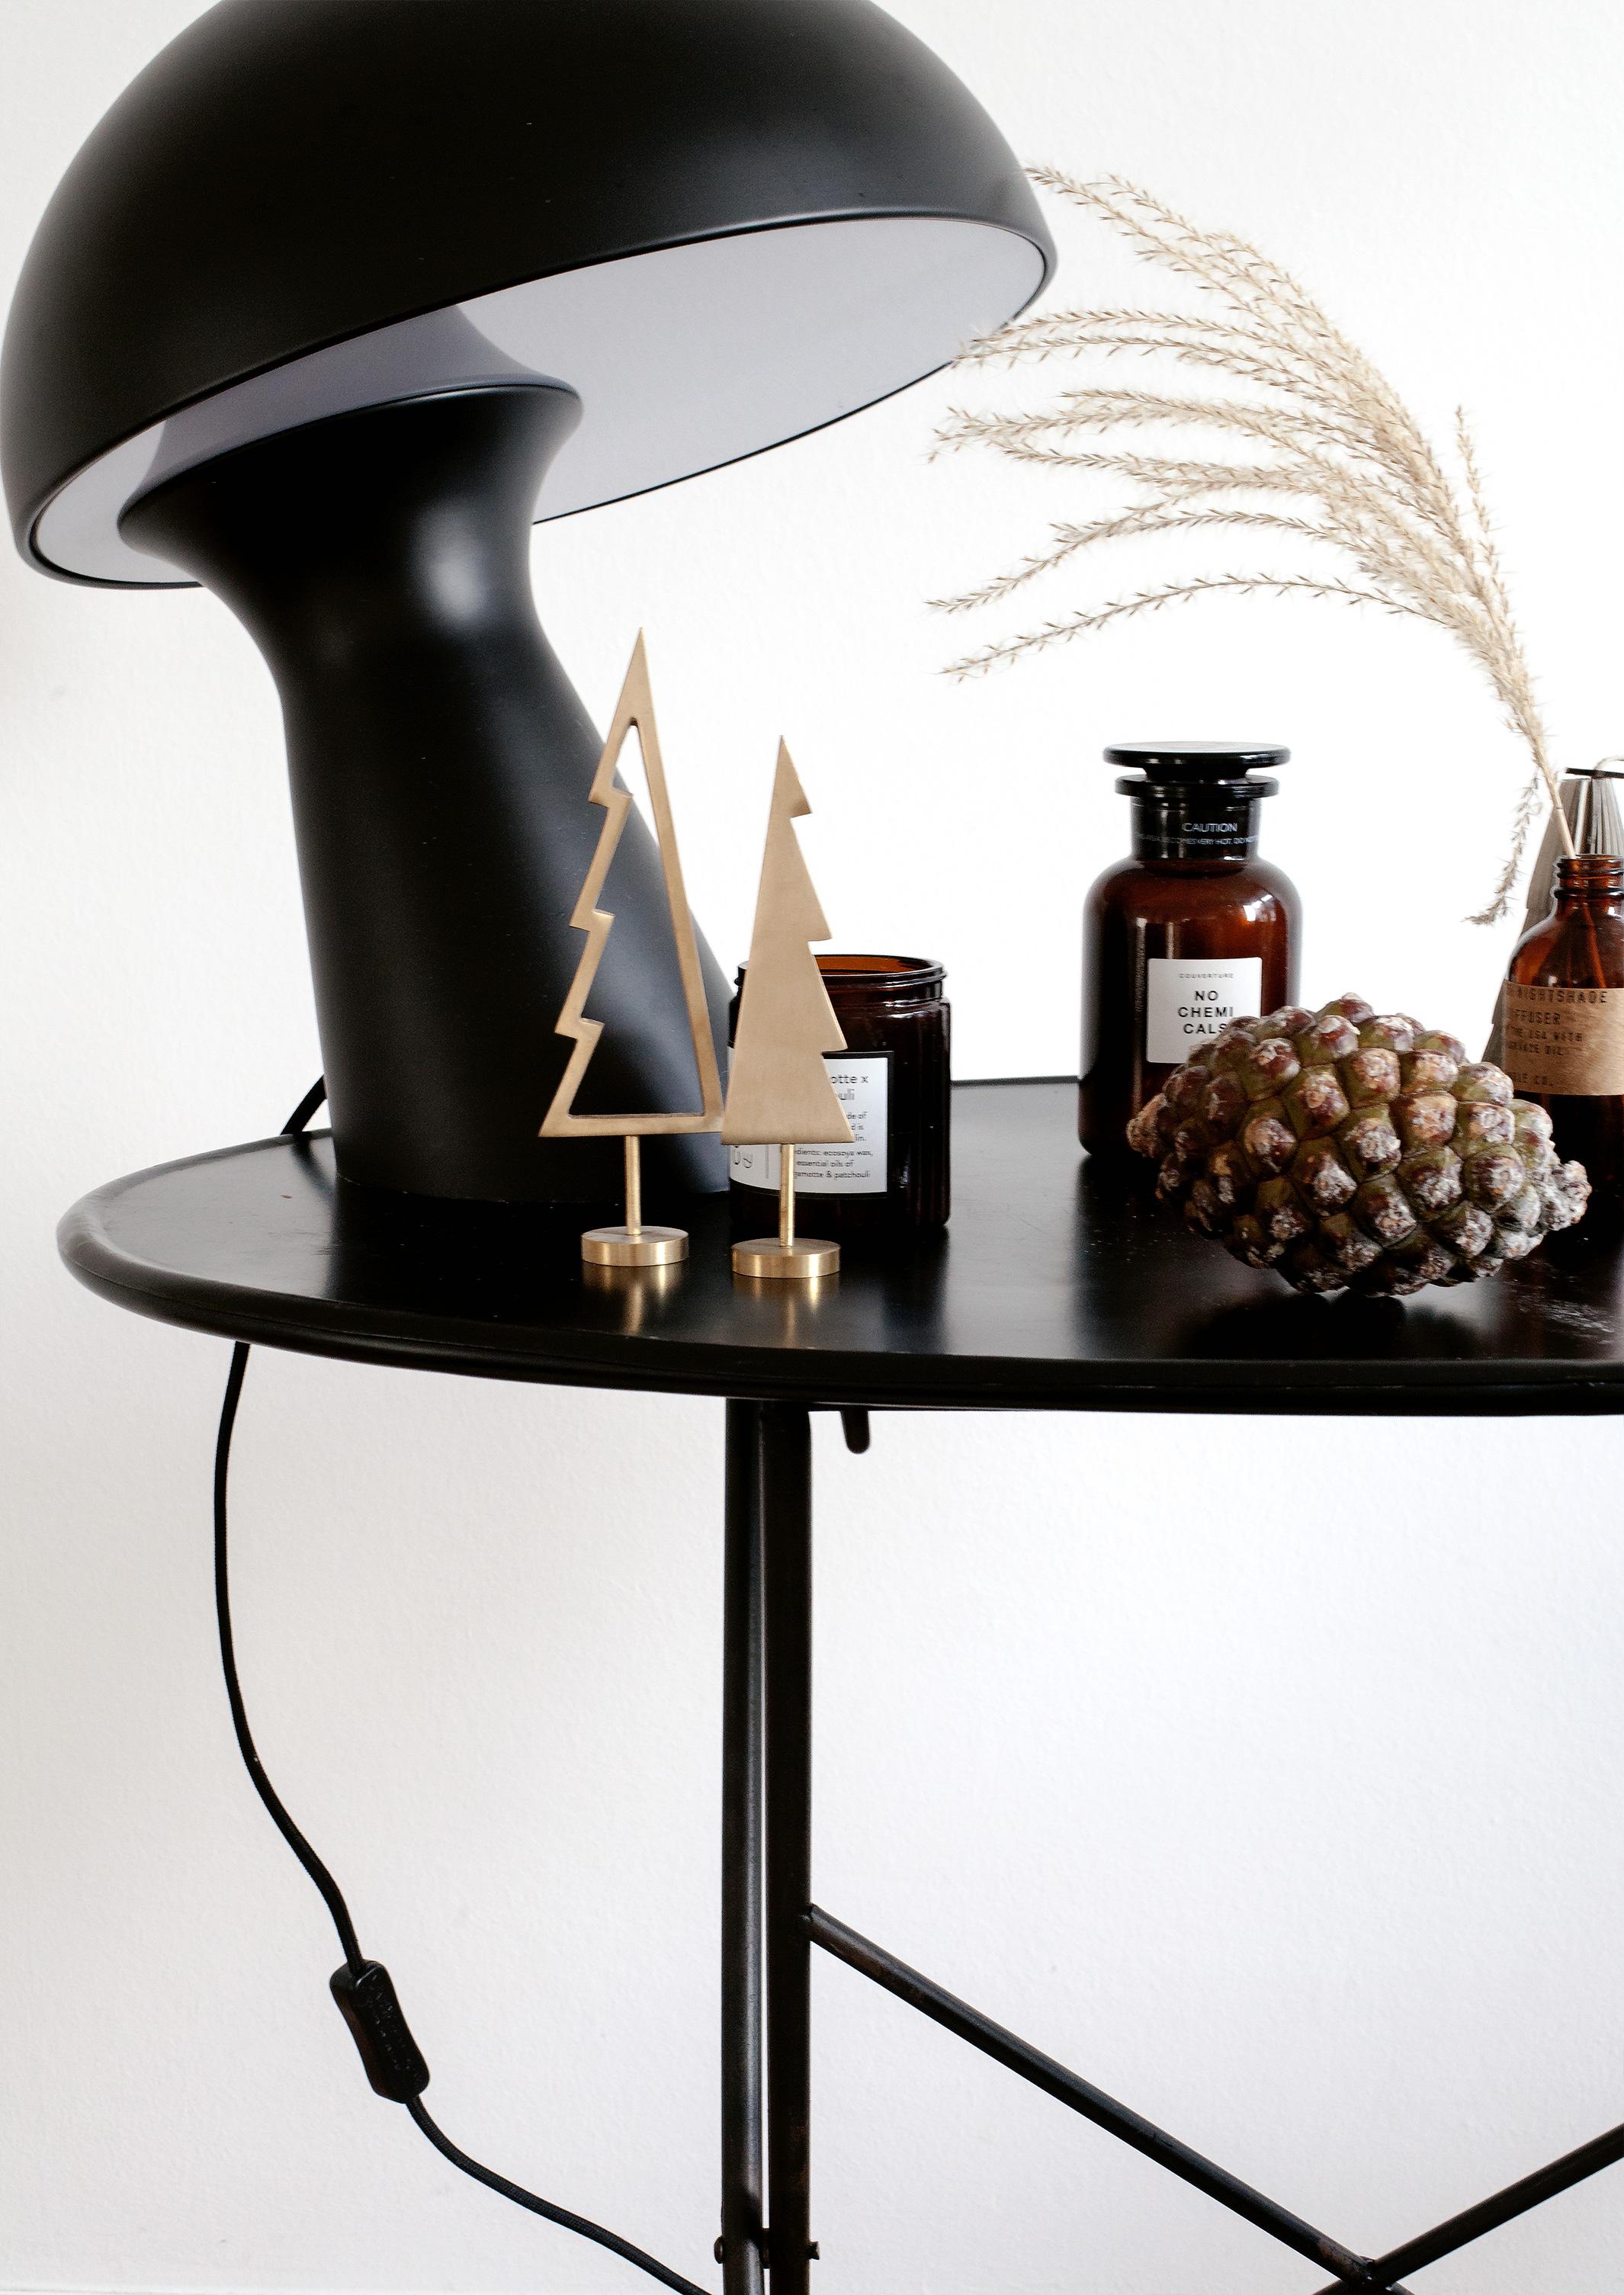 Kreative-Weihnachtsplätzchen-und-Kuchen-für-die-AdventszeitIMG_8079